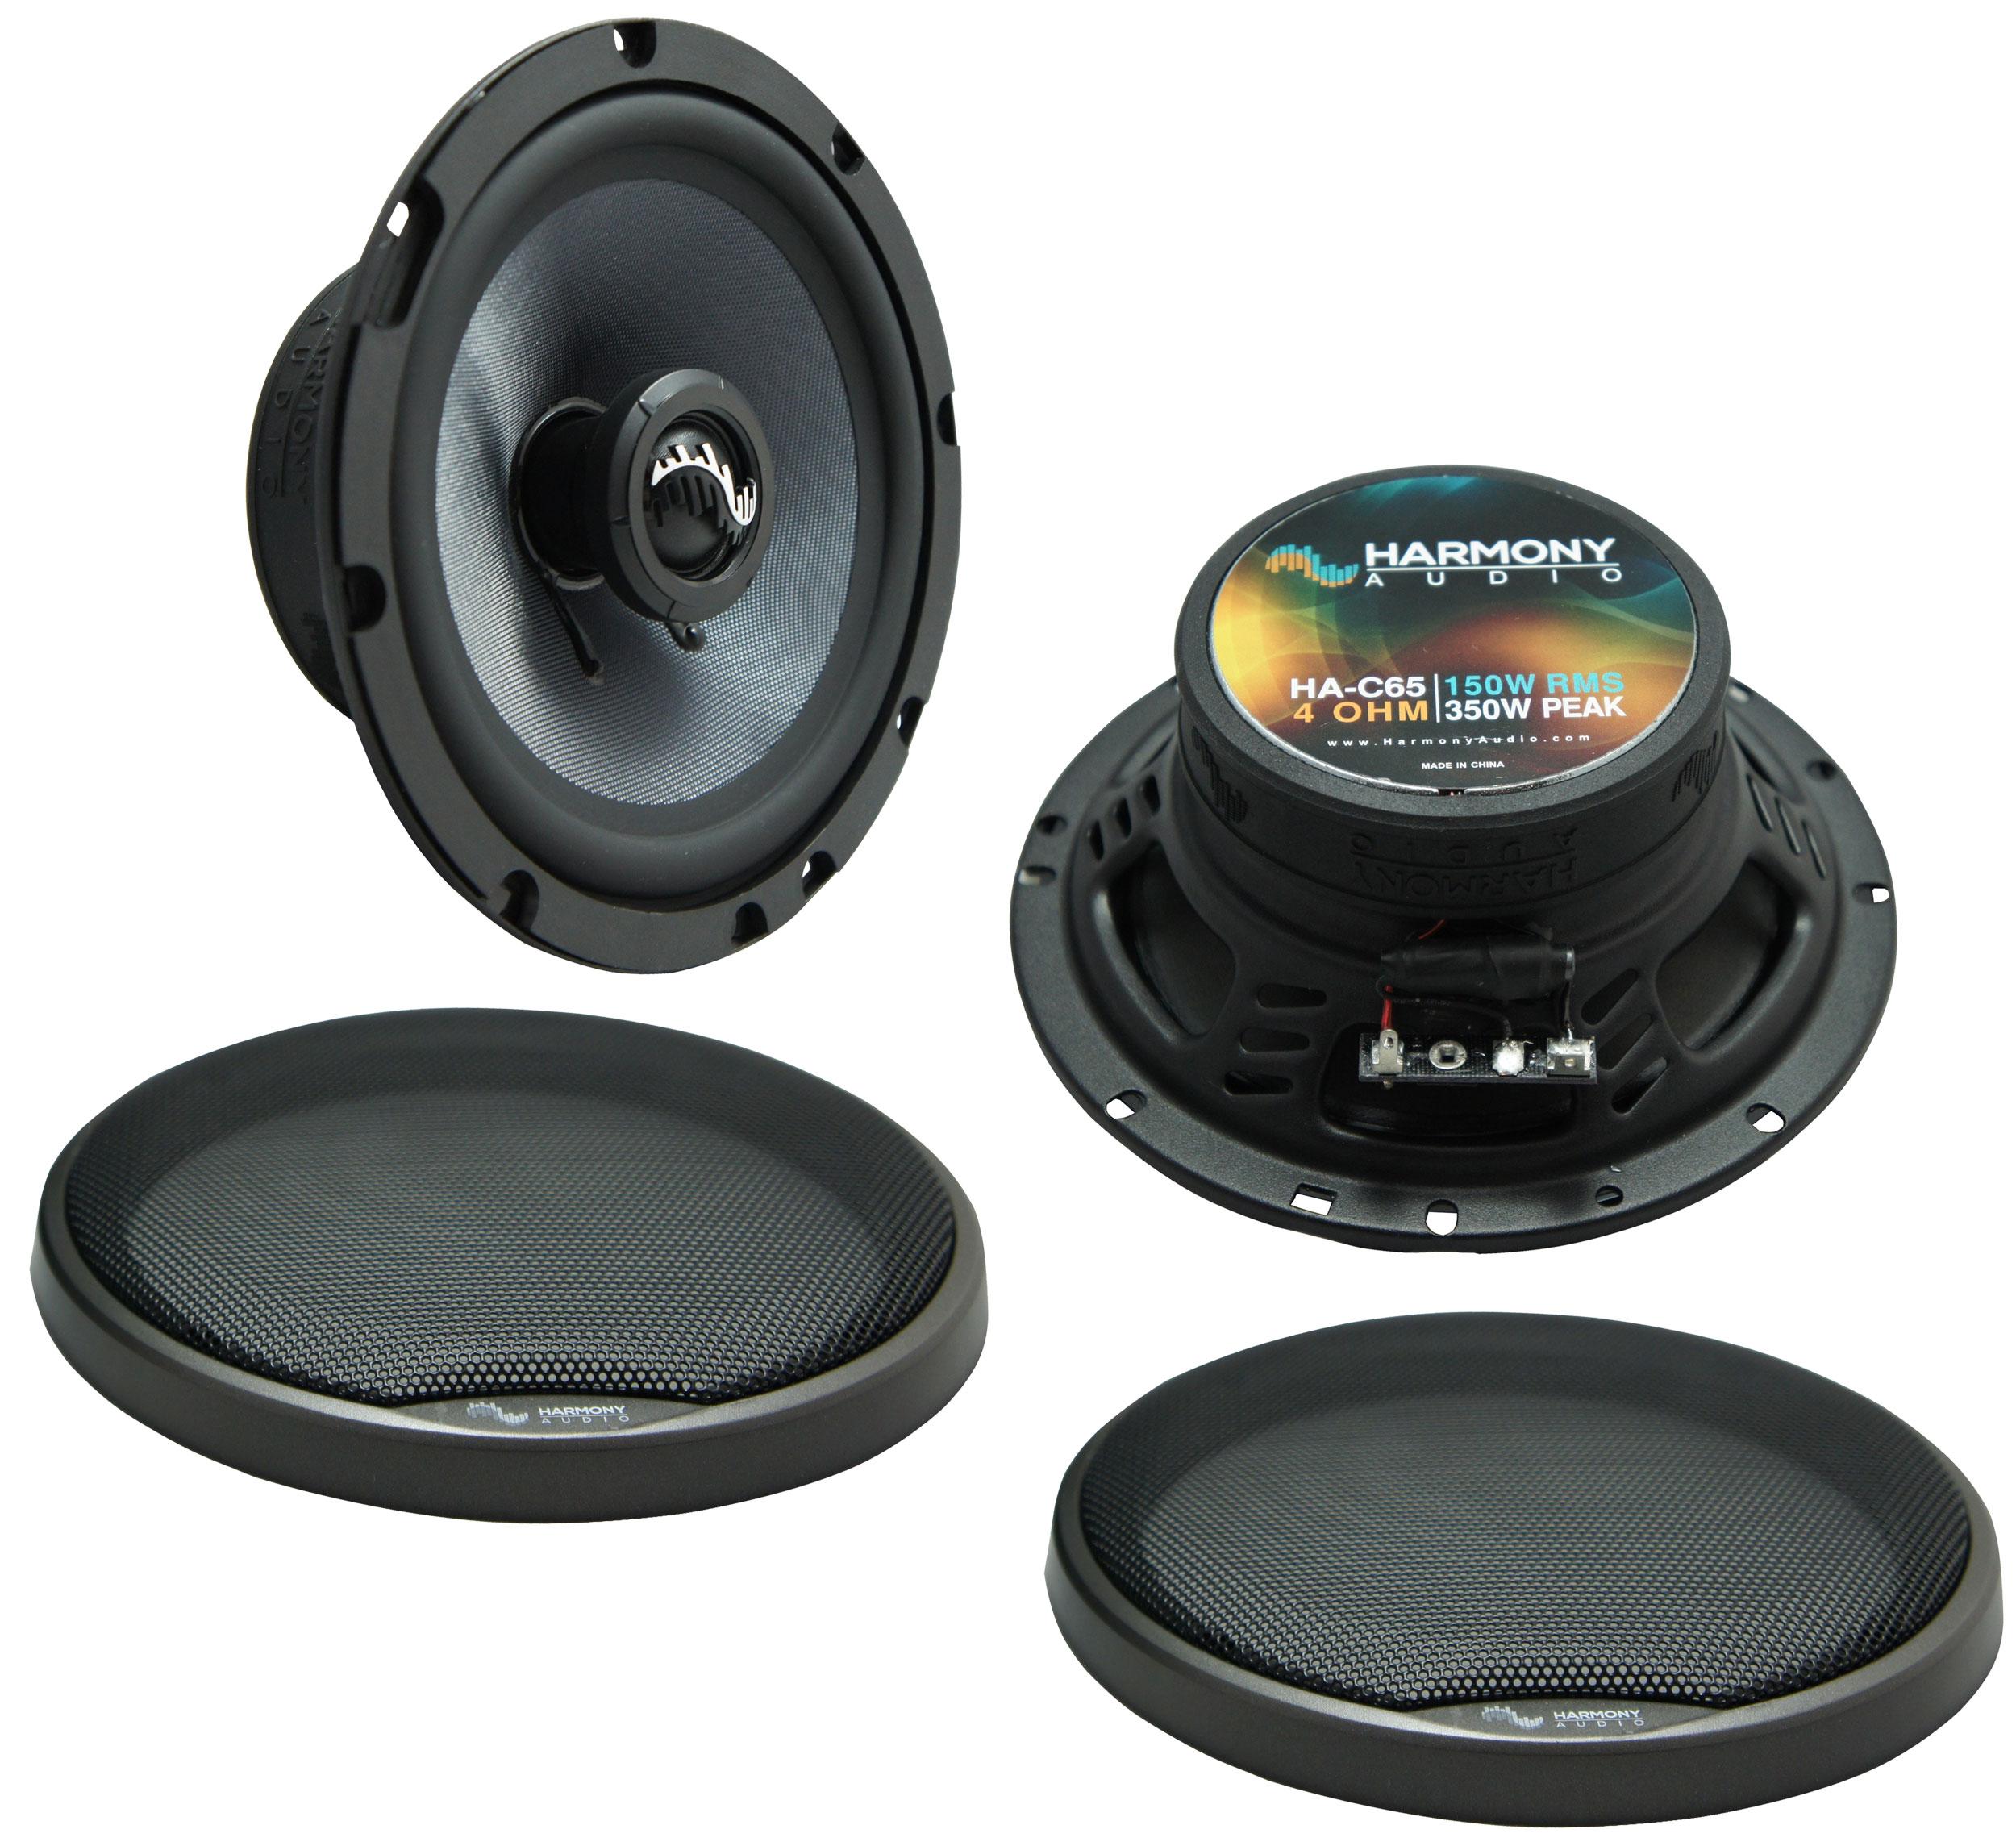 Fits Saturn Outlook 2007-2010 Rear Door Replacement Harmony HA-C65 Premium Speakers New